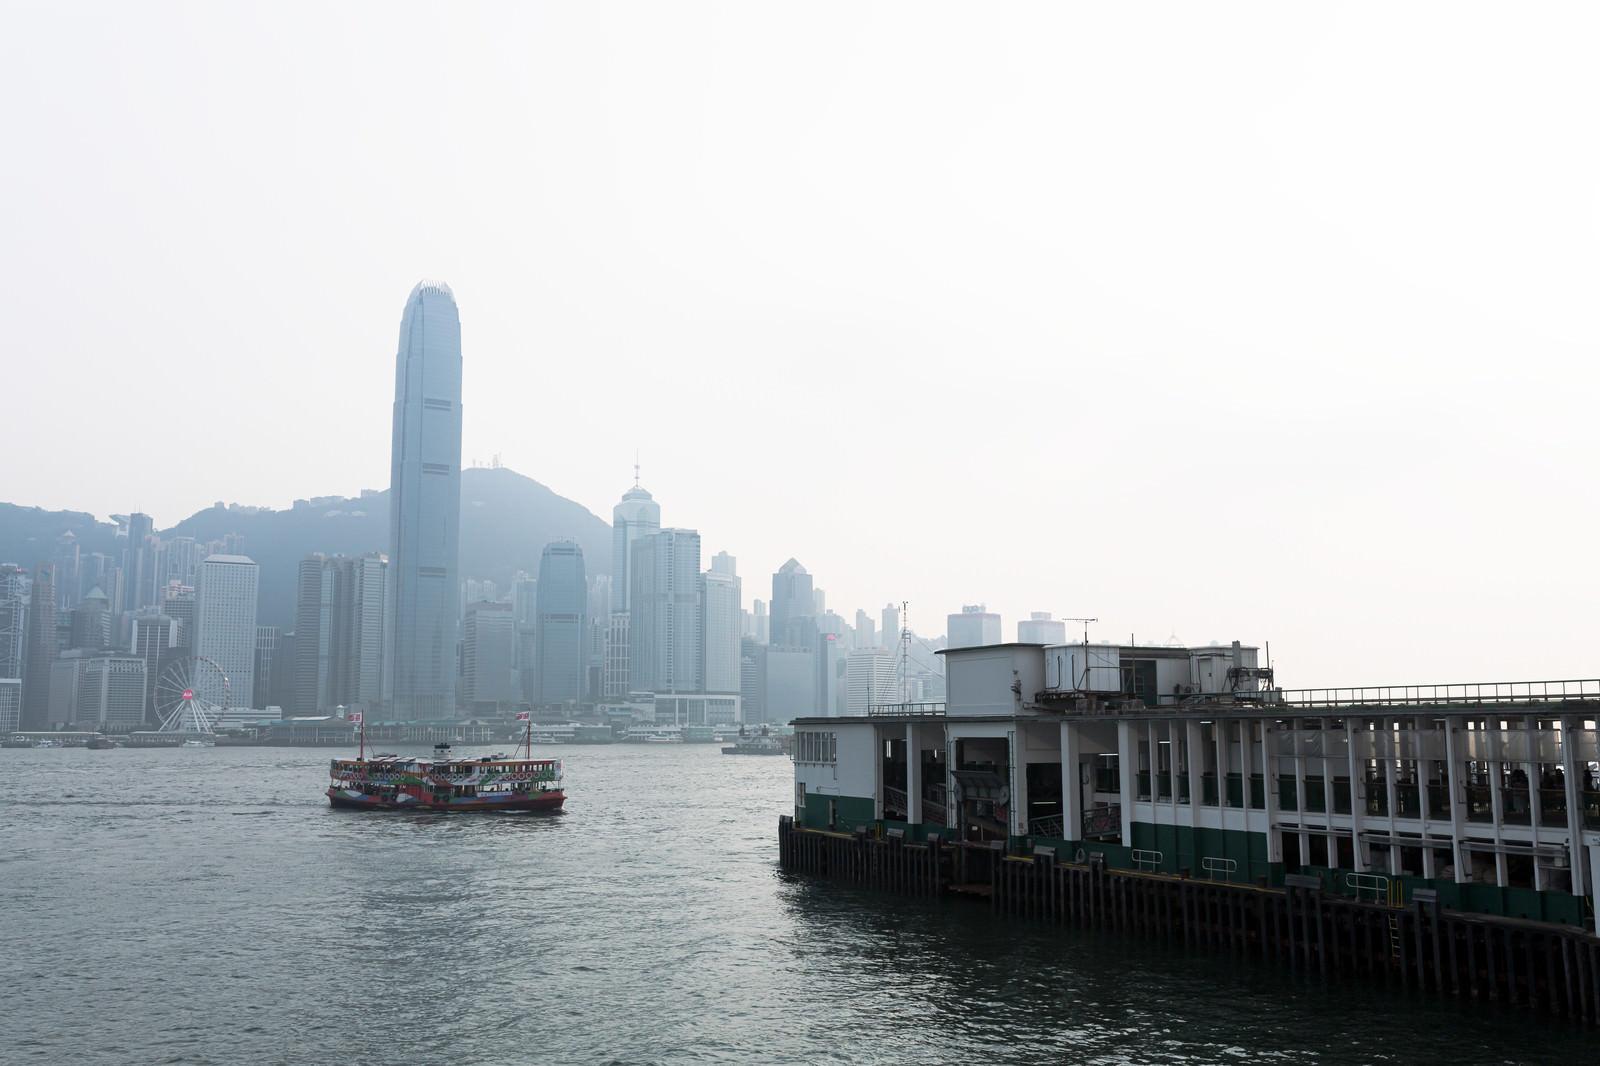 「香港のビクトリア・ハーバーと船着き場」の写真